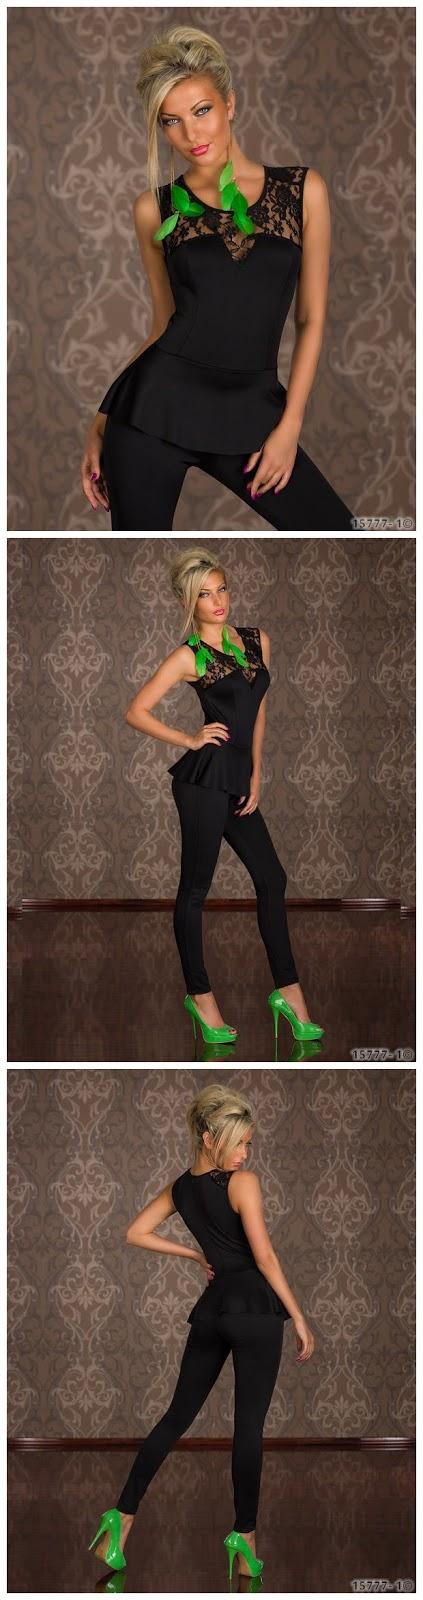 Pinterest Fashion Show: Sexy women suit